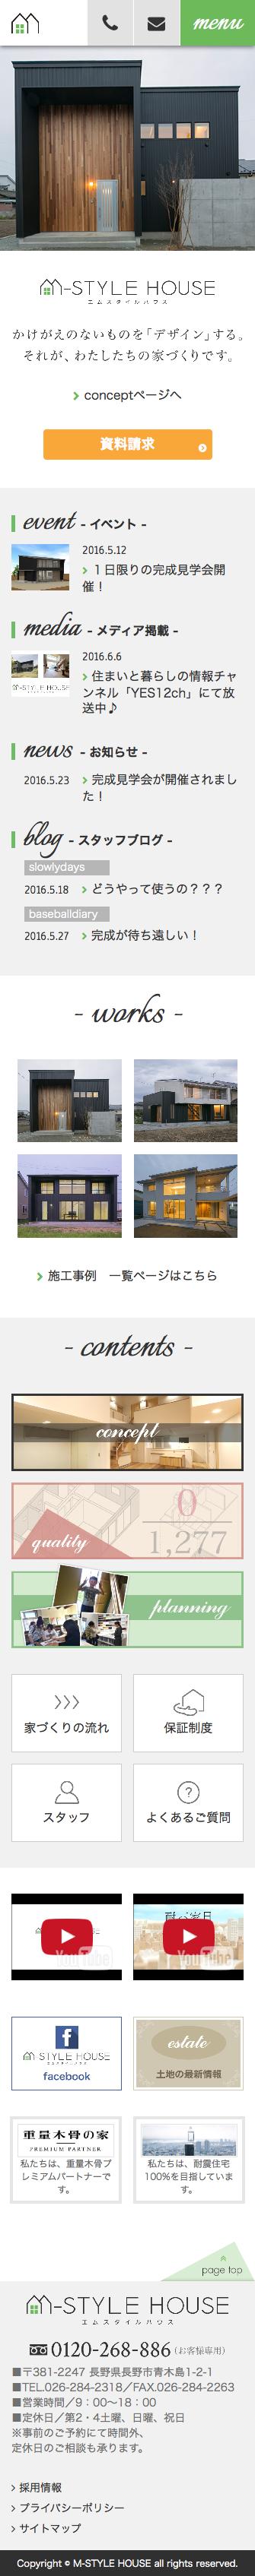 長野市で強く、美しく、資産価値のある注文住宅M-STYLE HOUSE-www.m-stylehouse.jp(1)